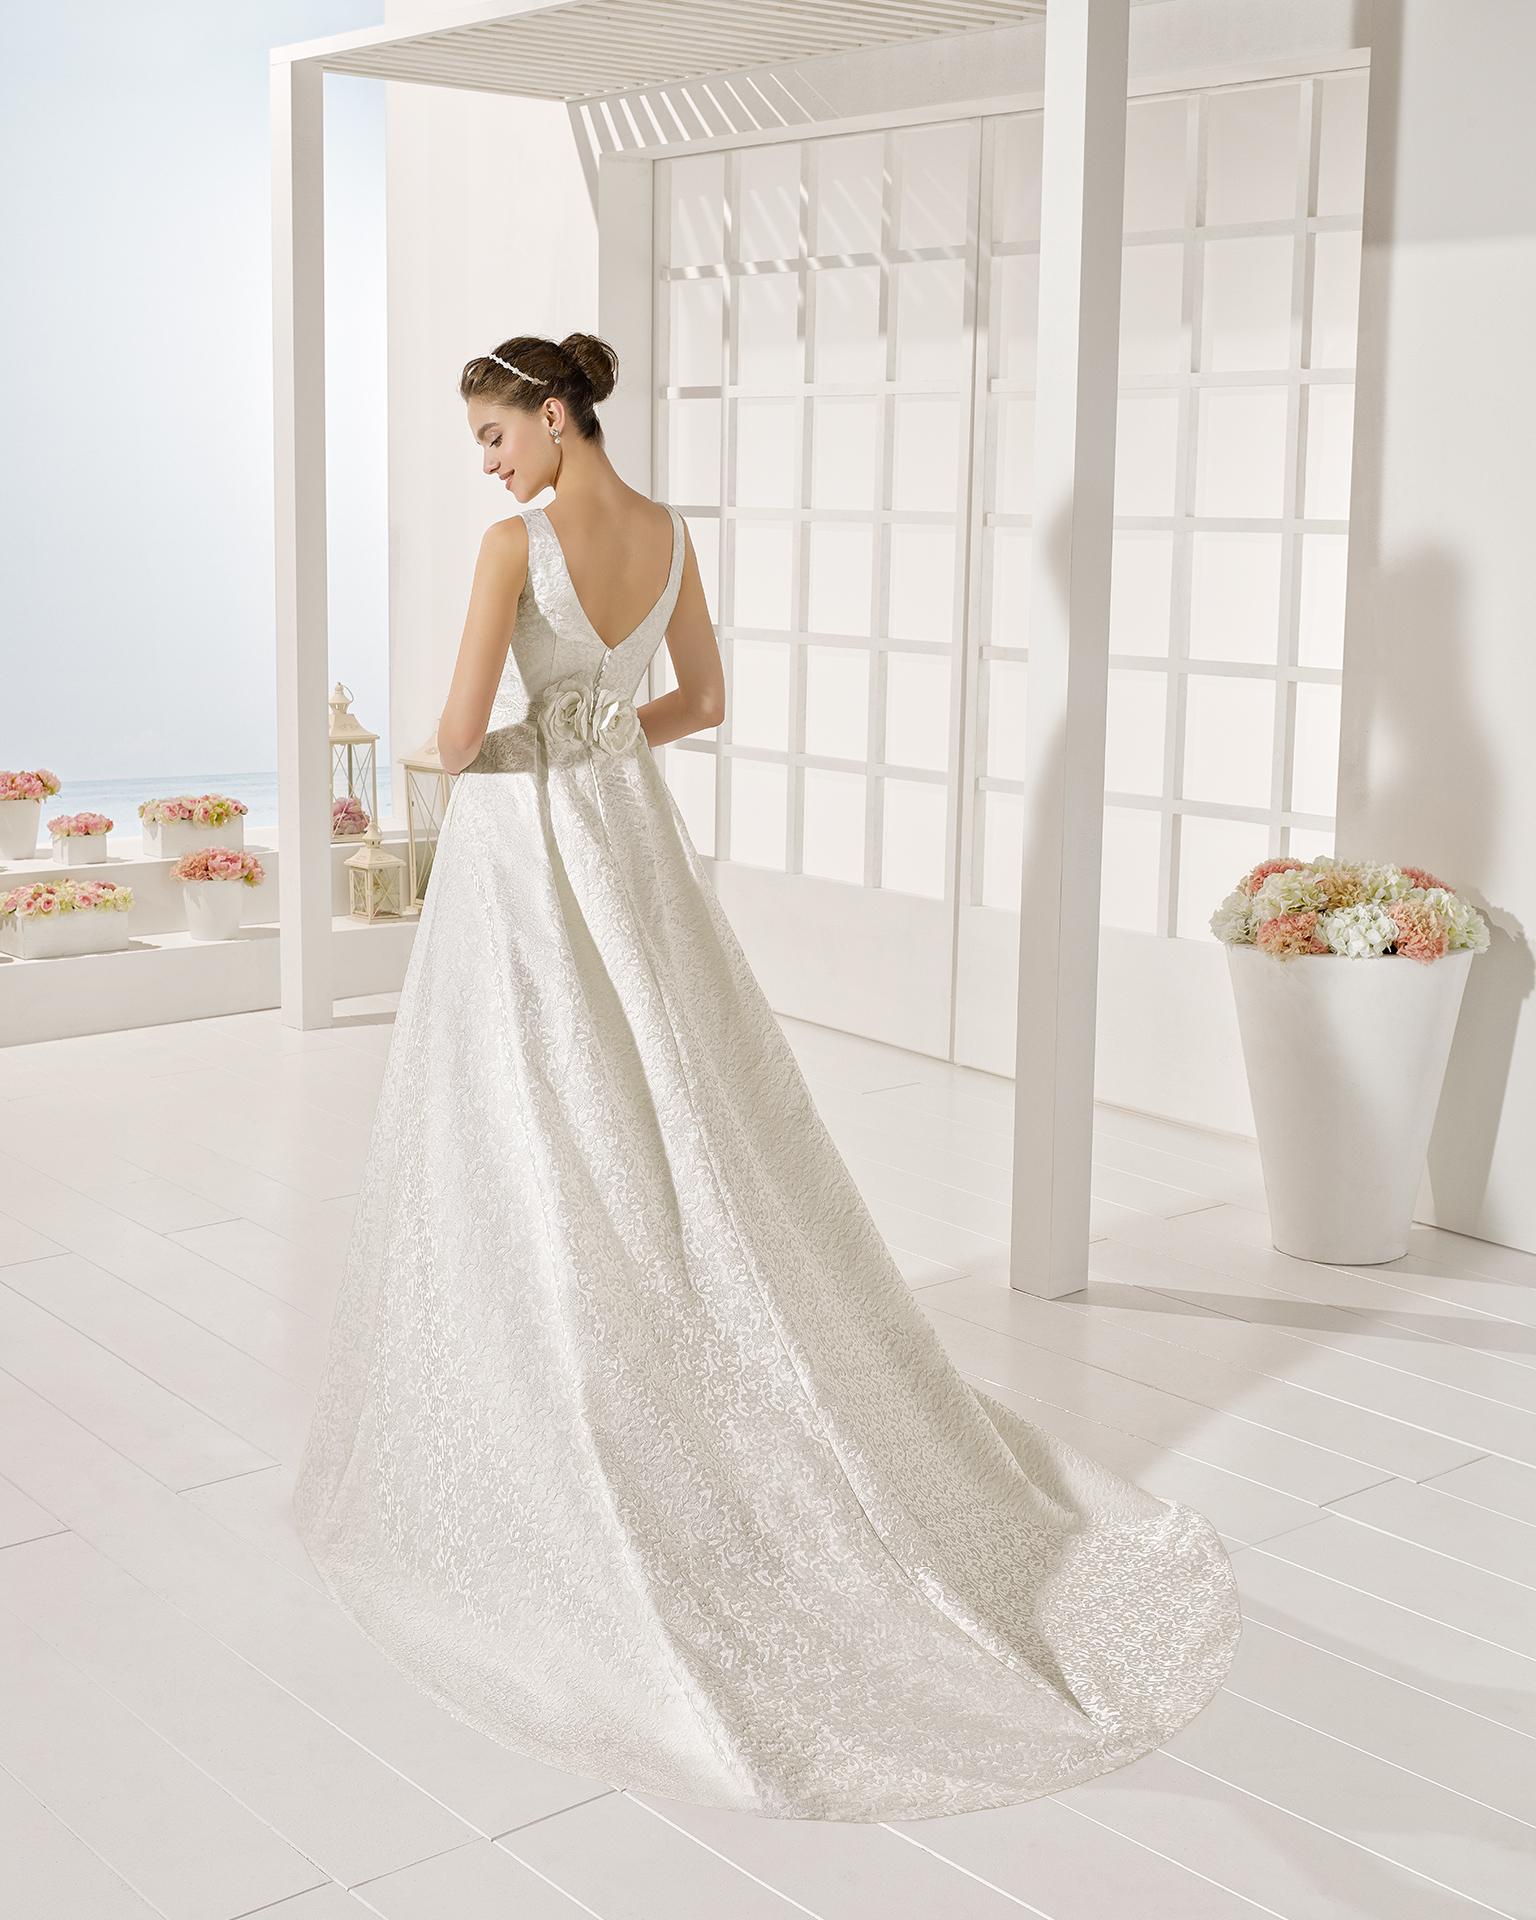 Yuso wedding dress, Luna Novias 2017